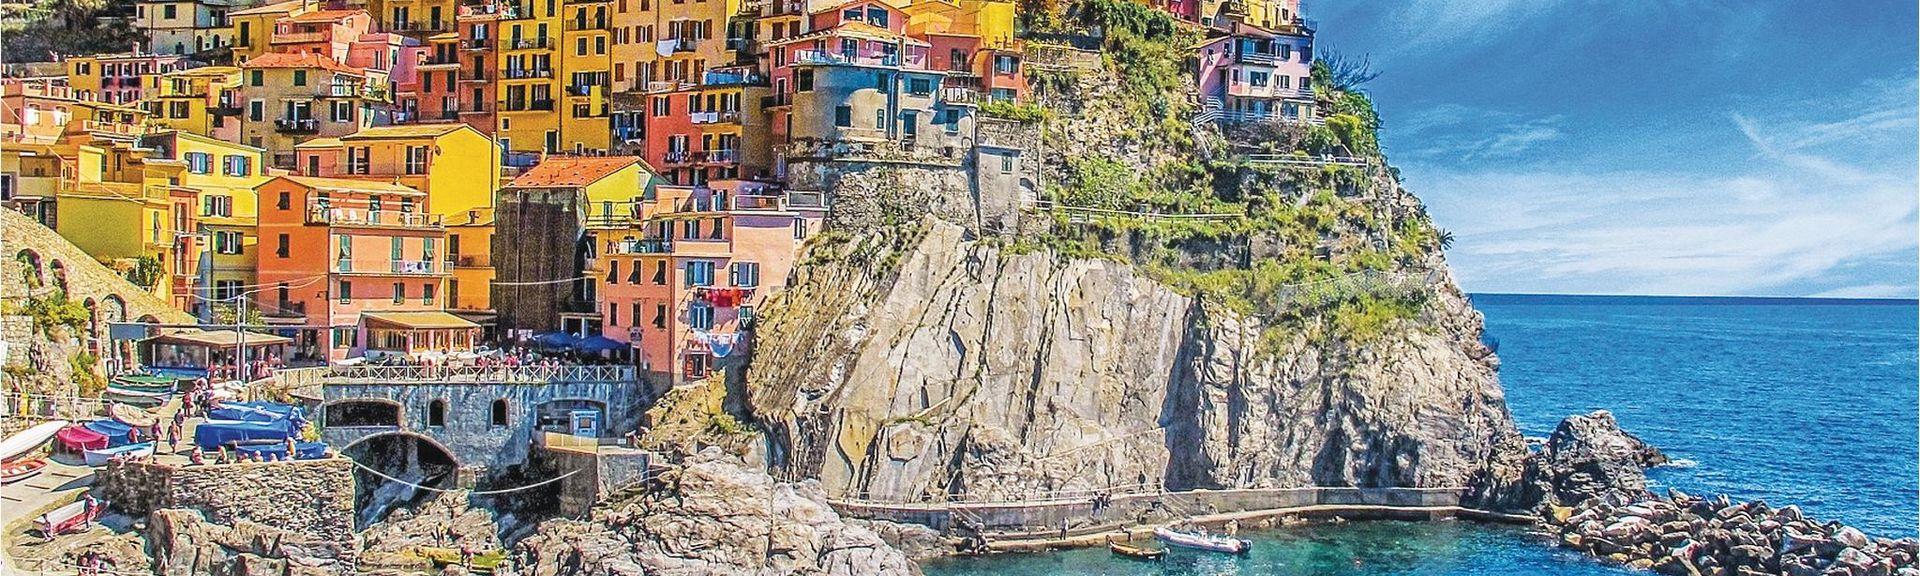 Turlago, Massa and Carrara, Tuscany, Italy